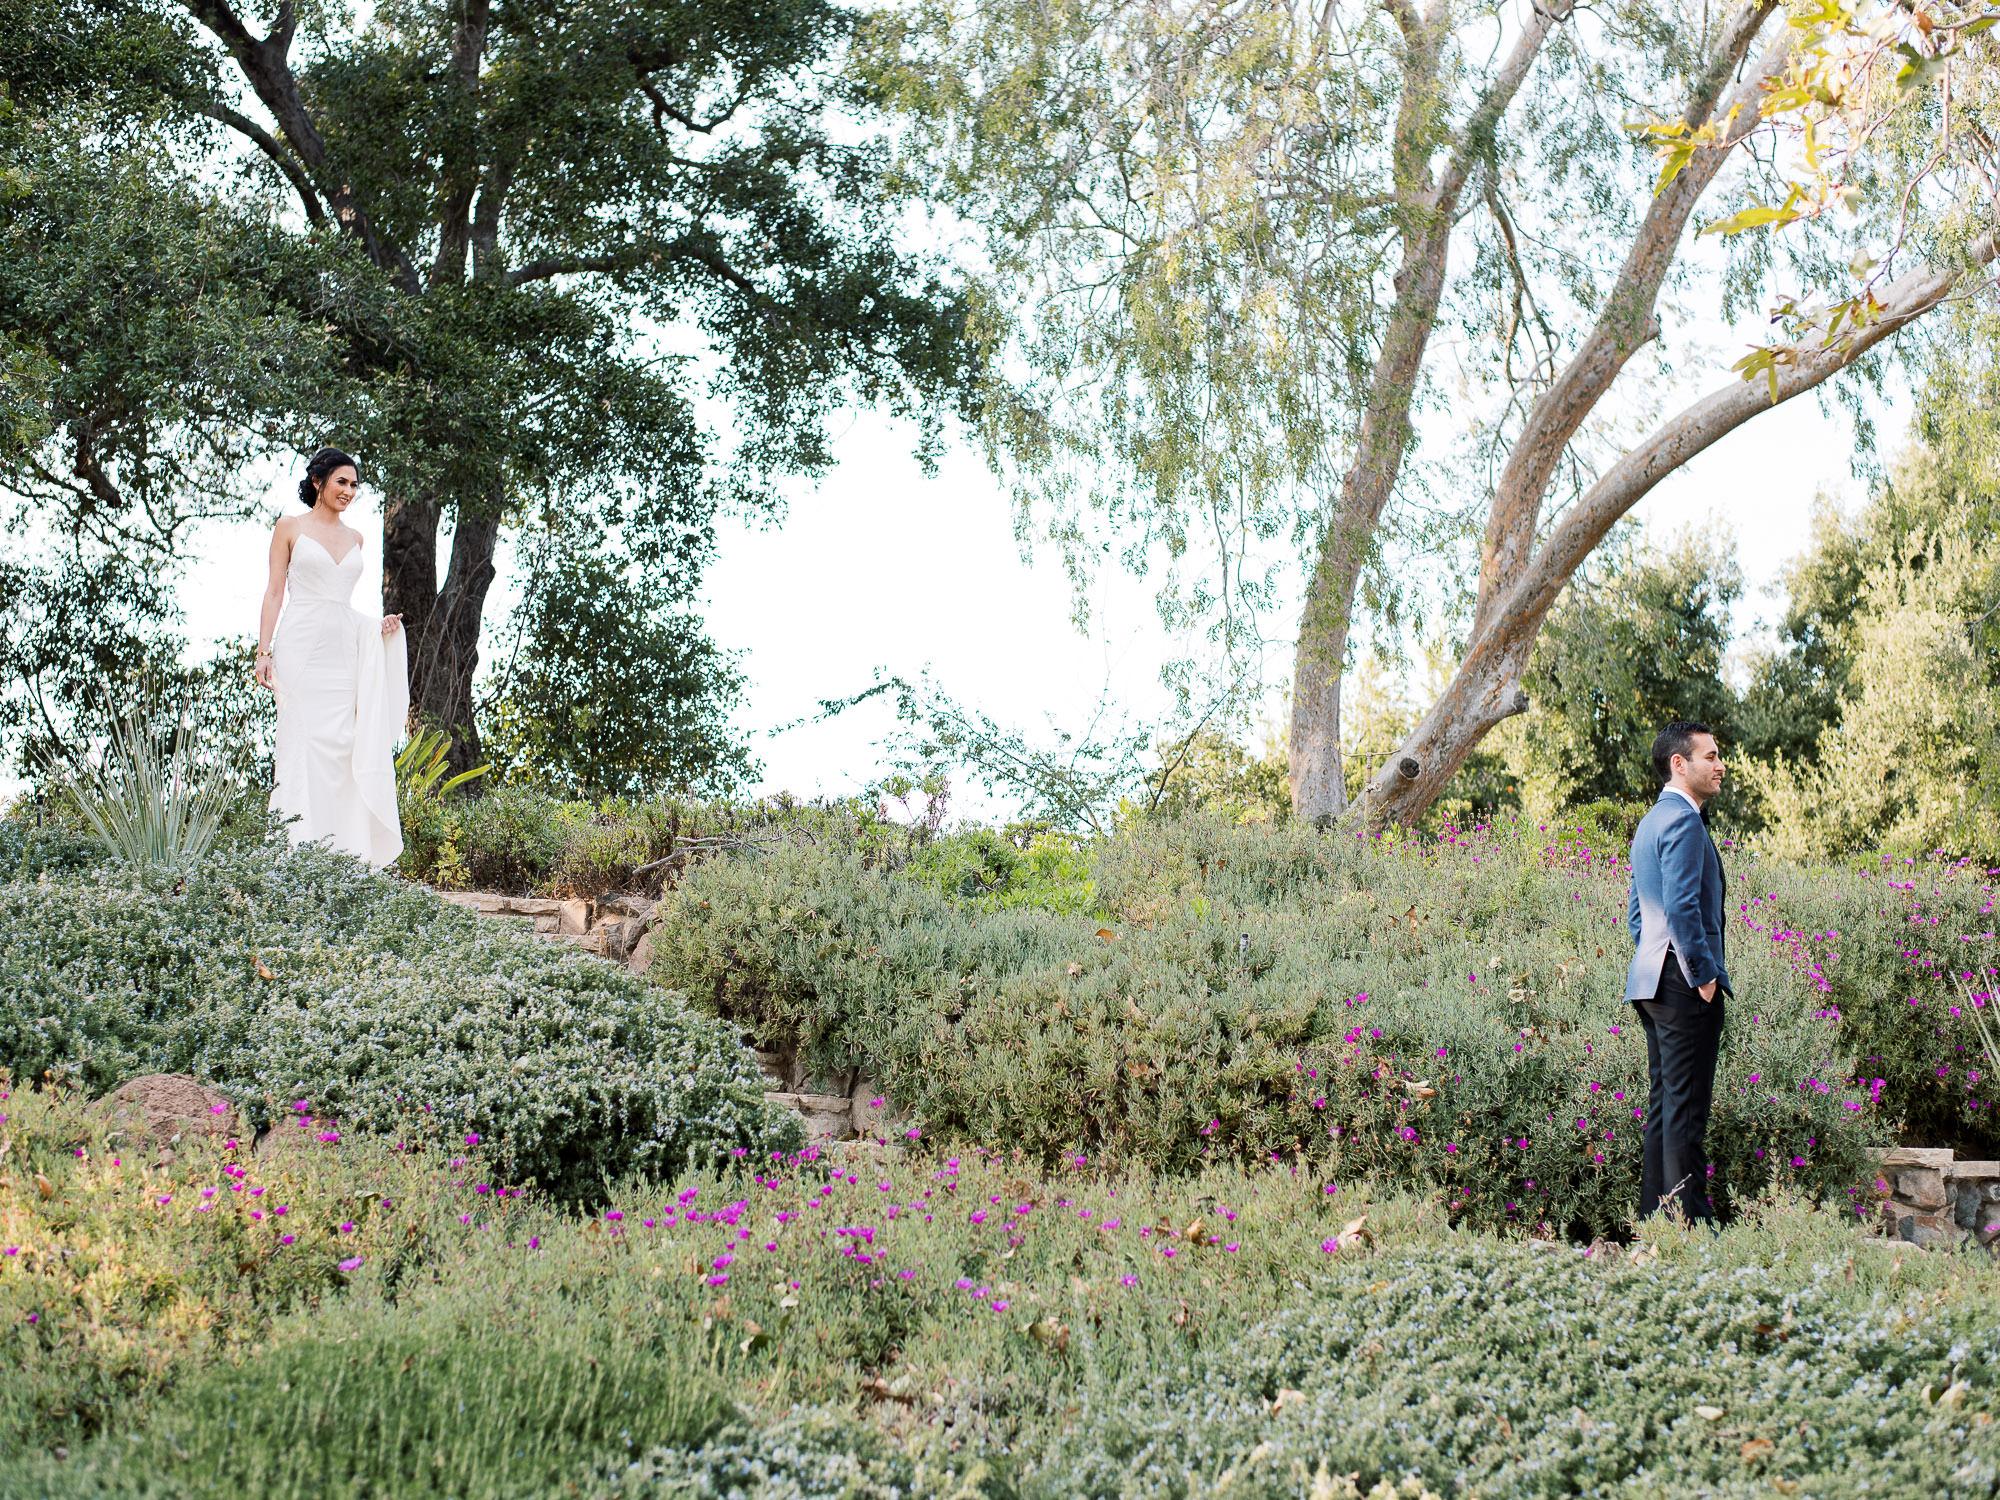 Wedding-First-Look-Photo-Greg-Ross